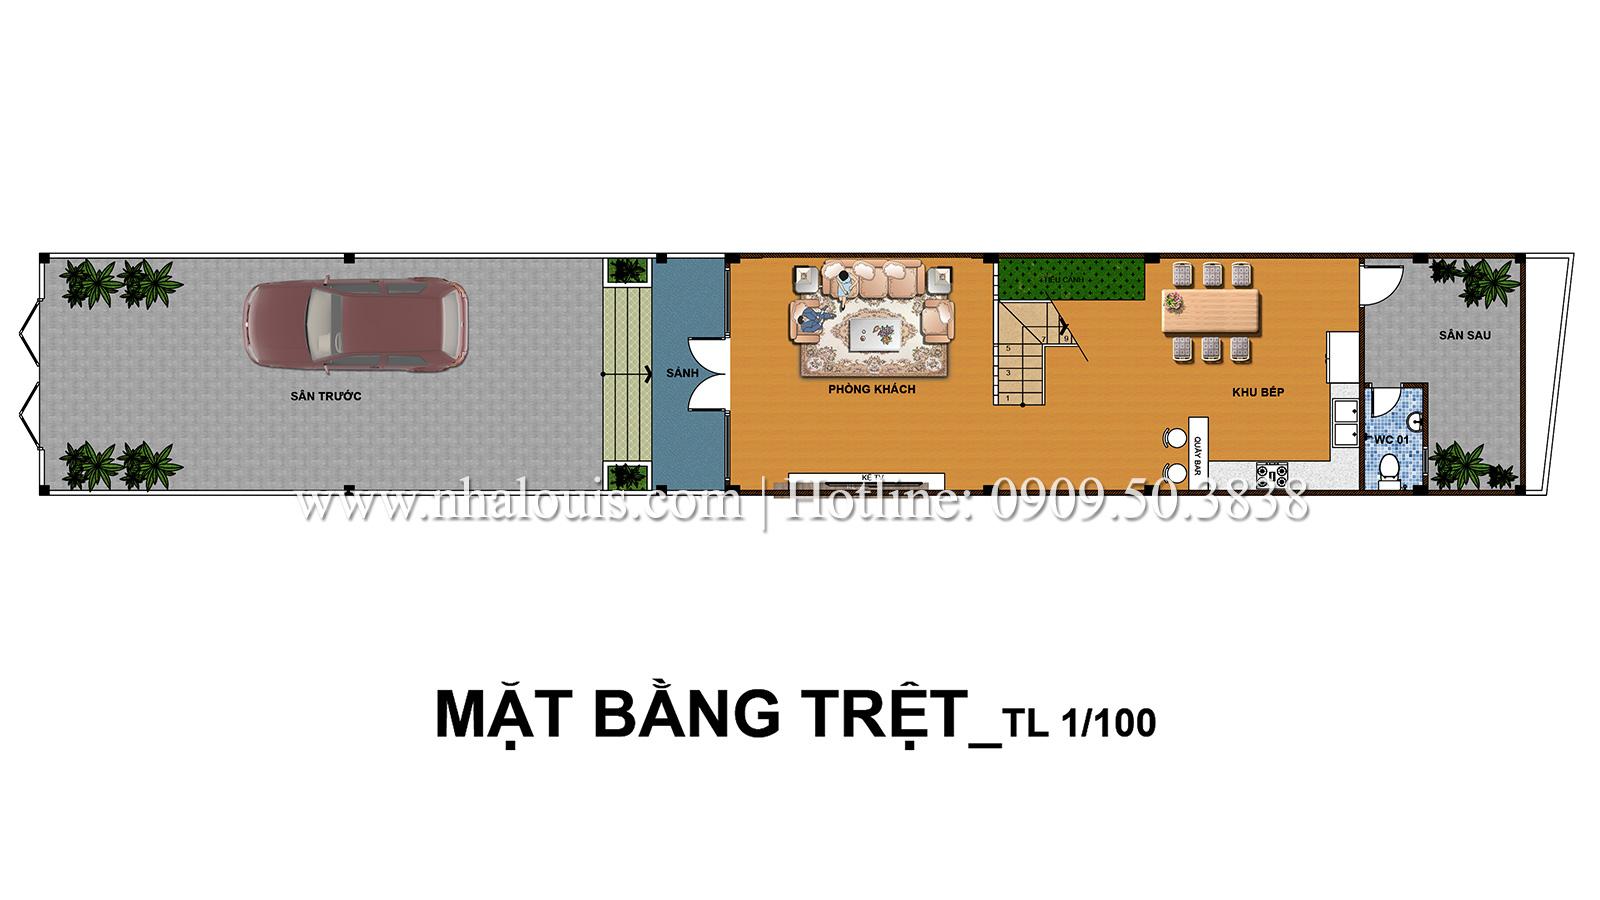 Thiết kế kiến trúc tân cổ điển cho nhà phố Quận 7 đẹp ấn tượng - 02